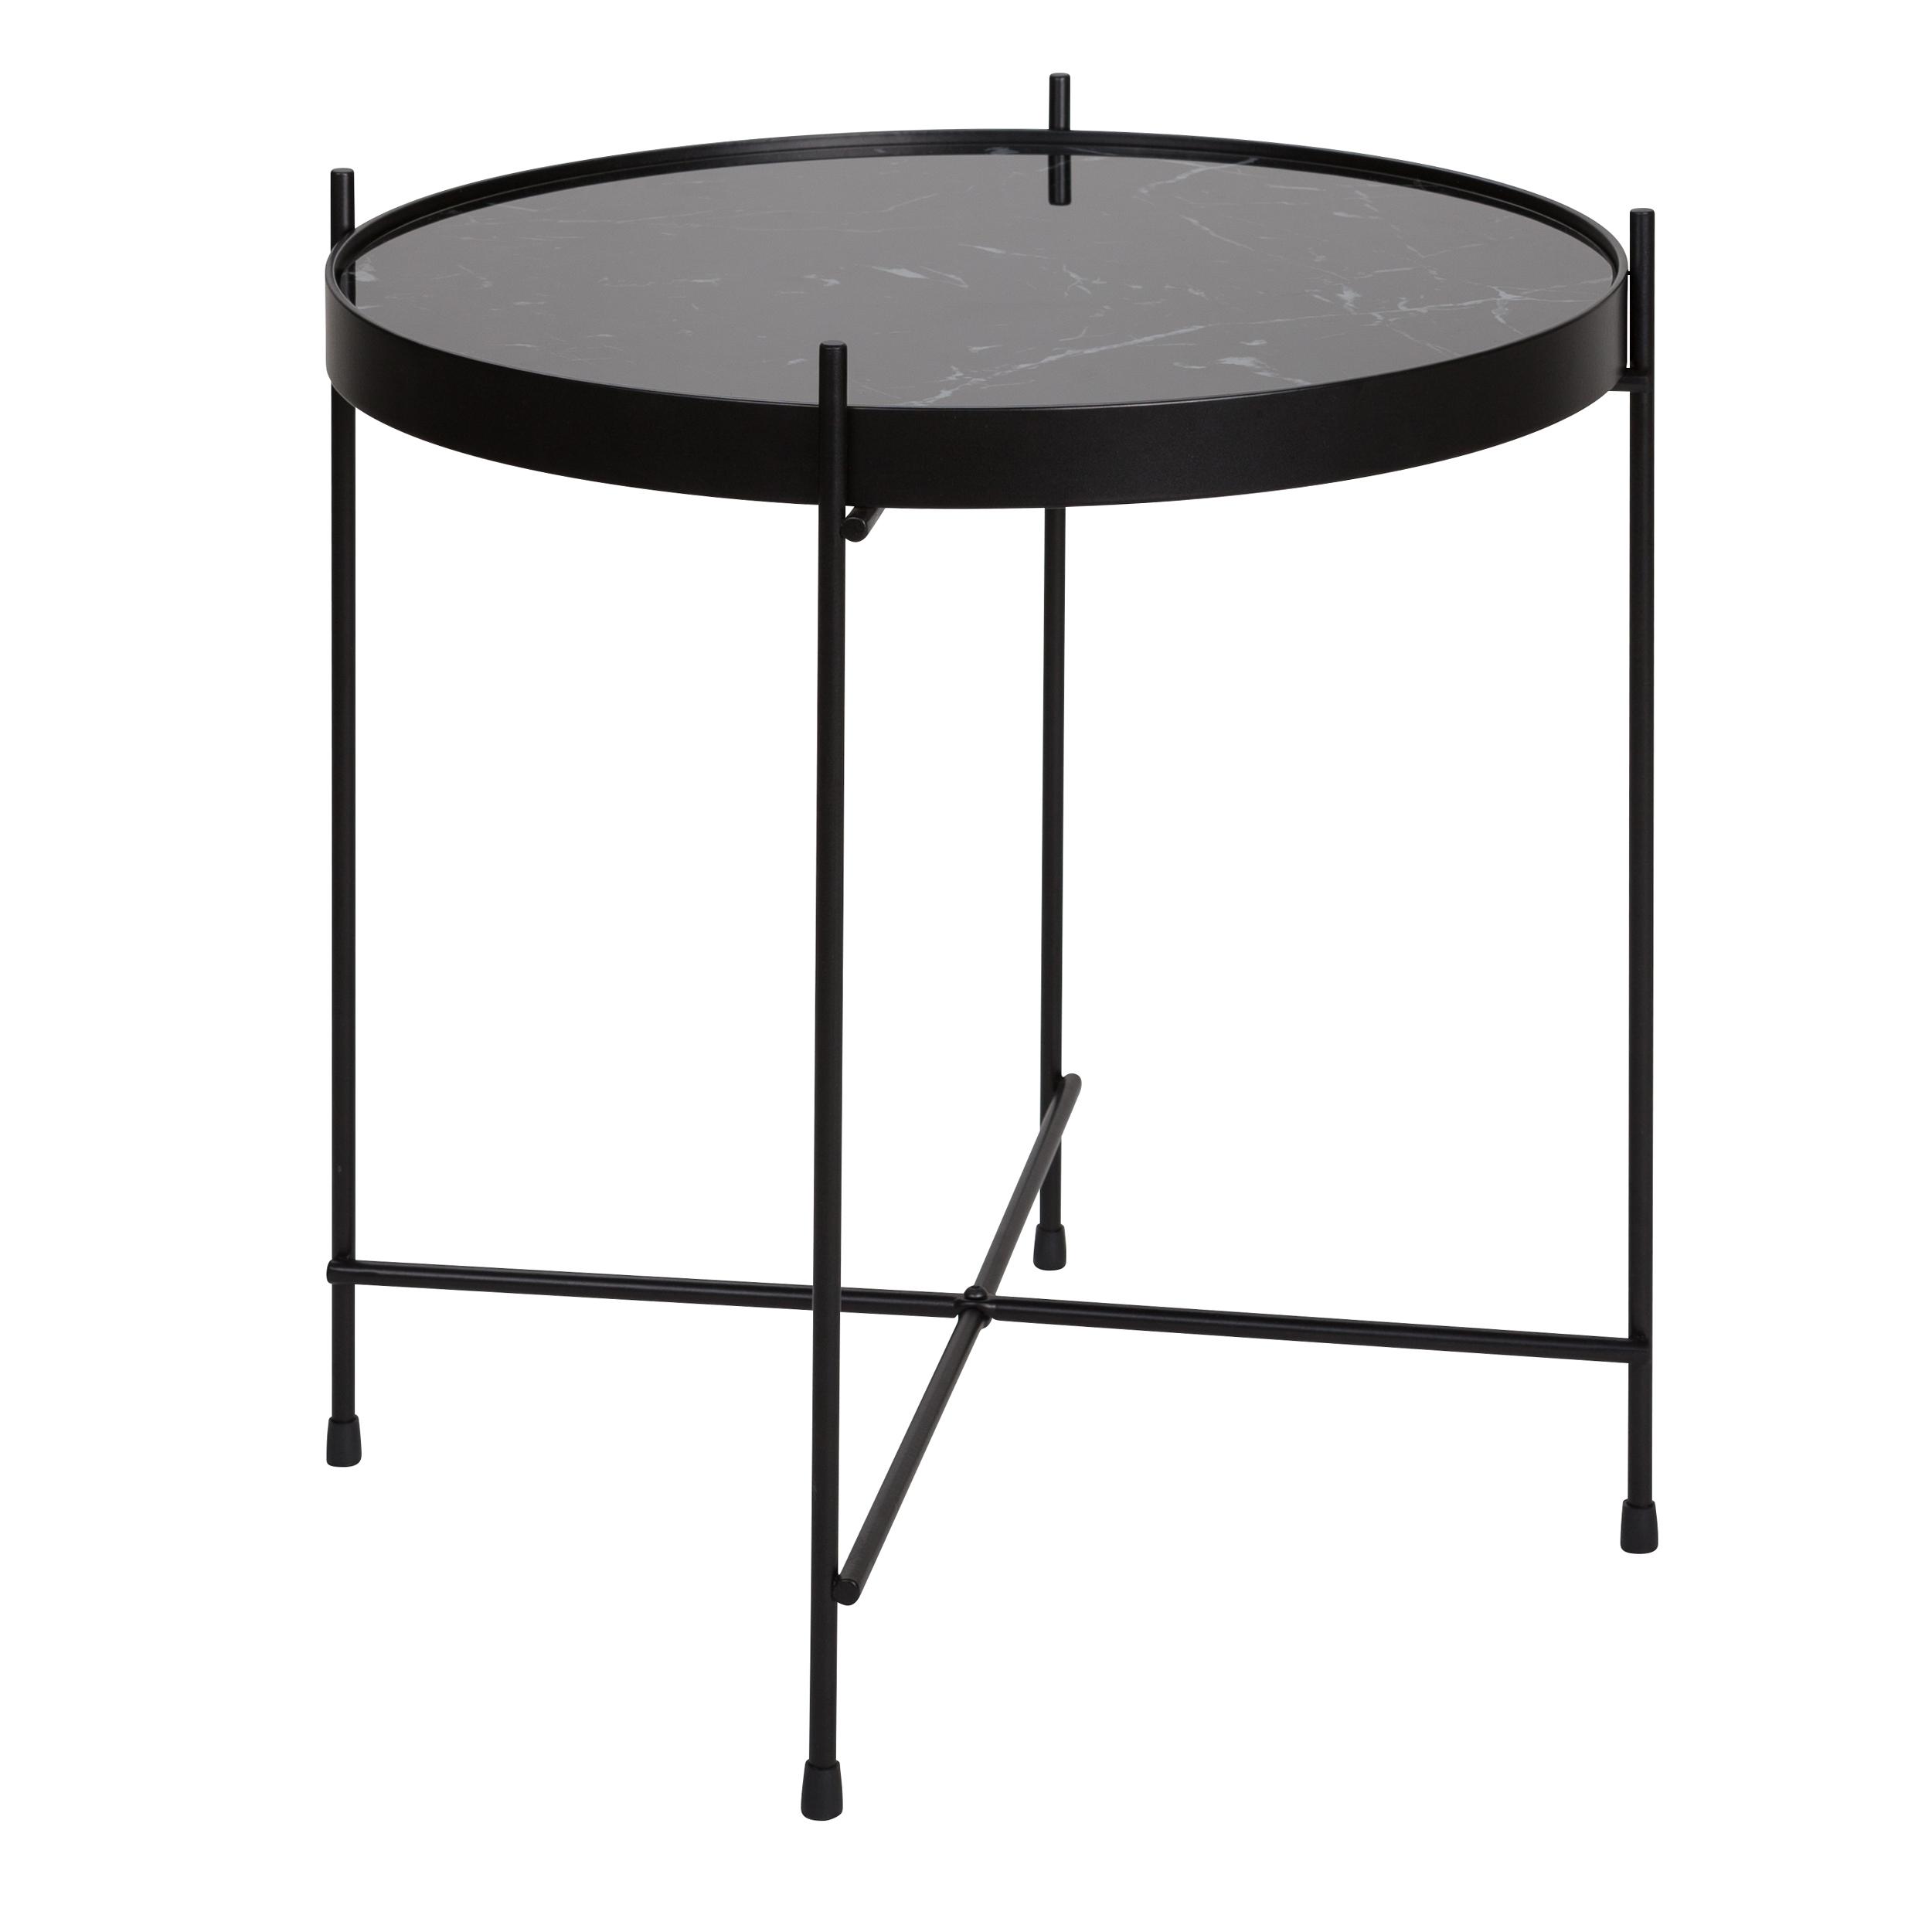 Table basse ronde en verre effet marbre noir et métal ?43 cm